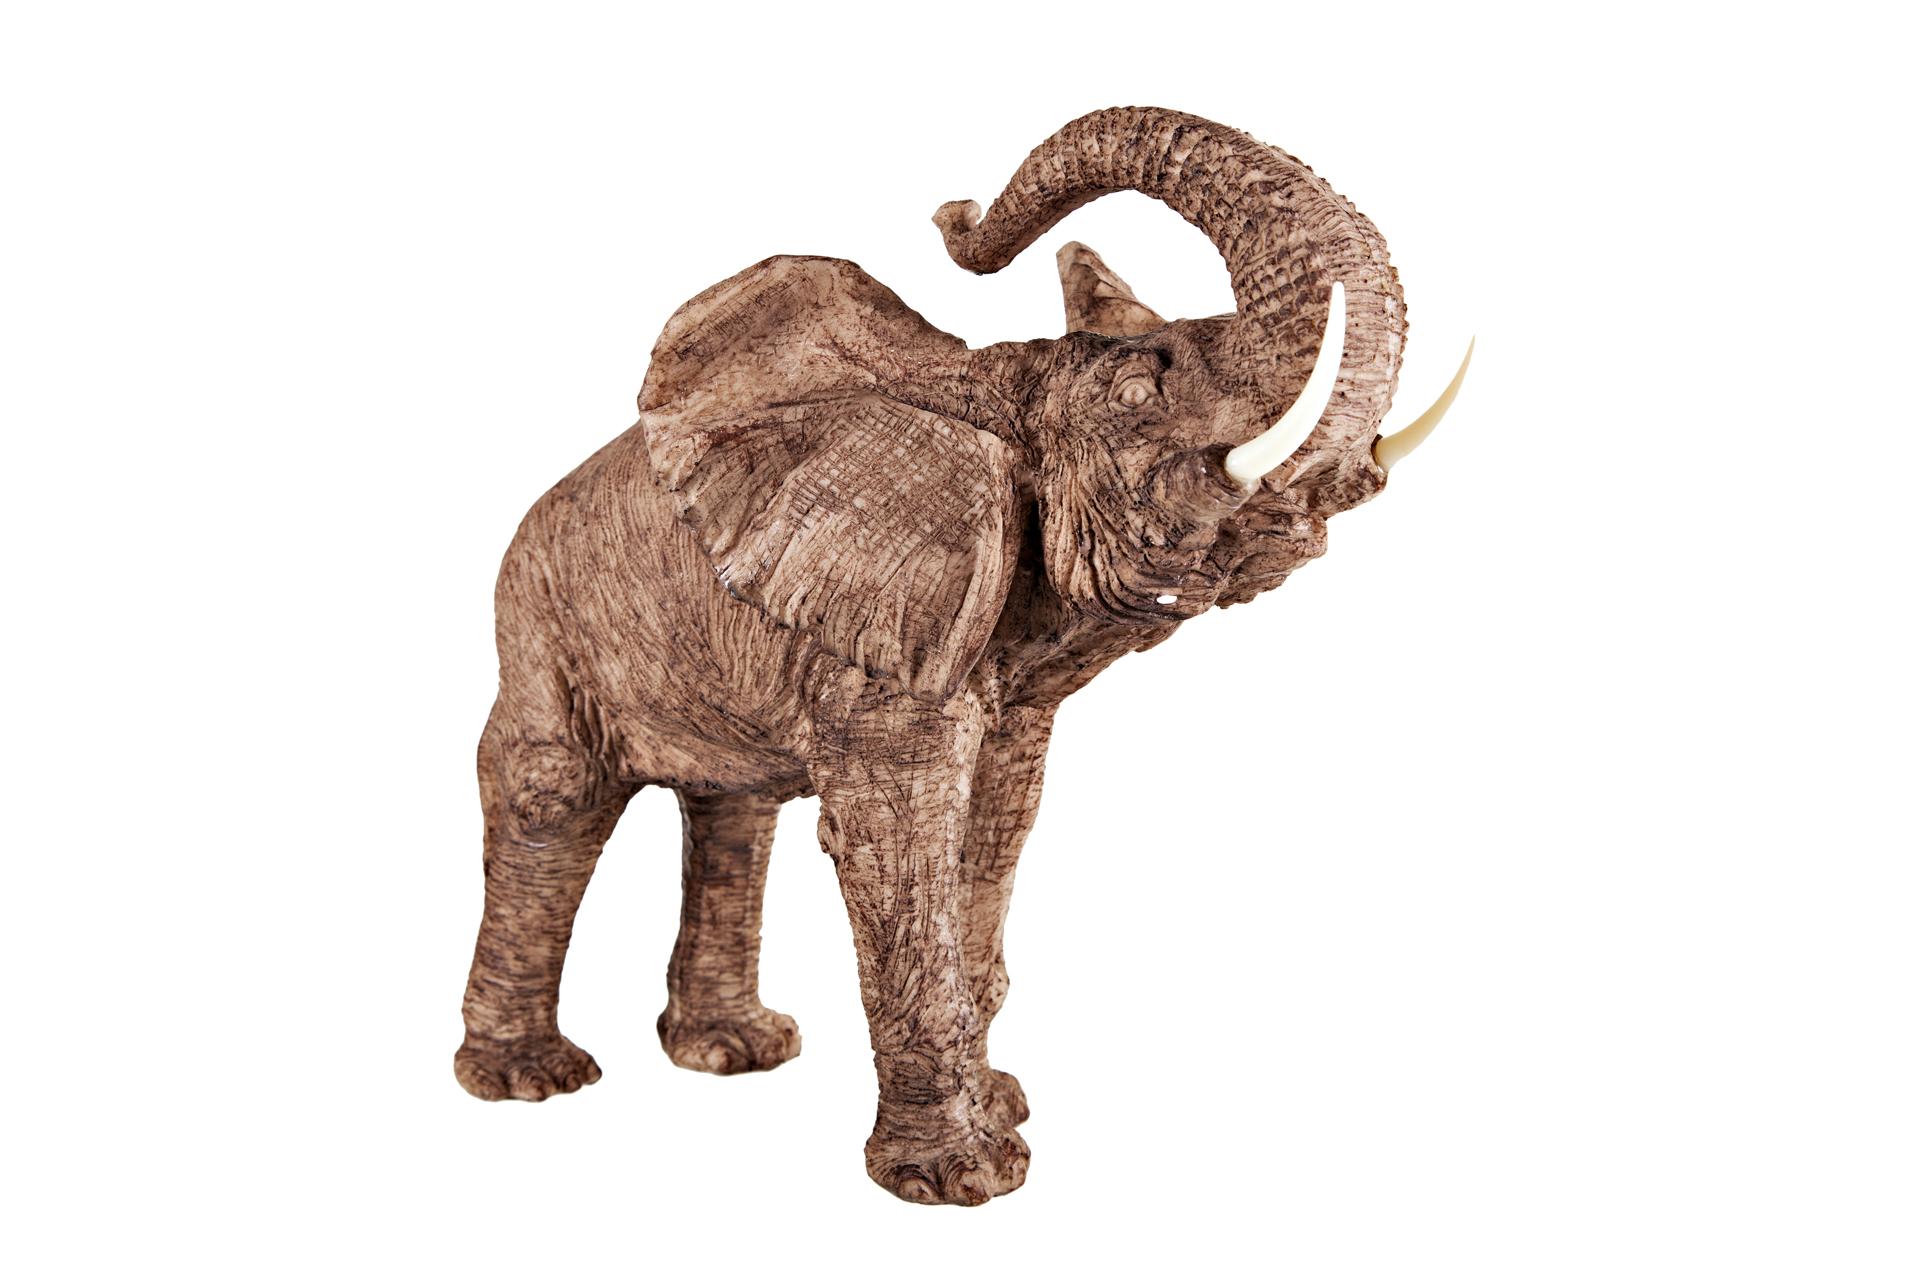 {} ARTEVALUCE Статуэтка Слон (20х31х38 см) ганг статуэтка слон 3х5х7 см